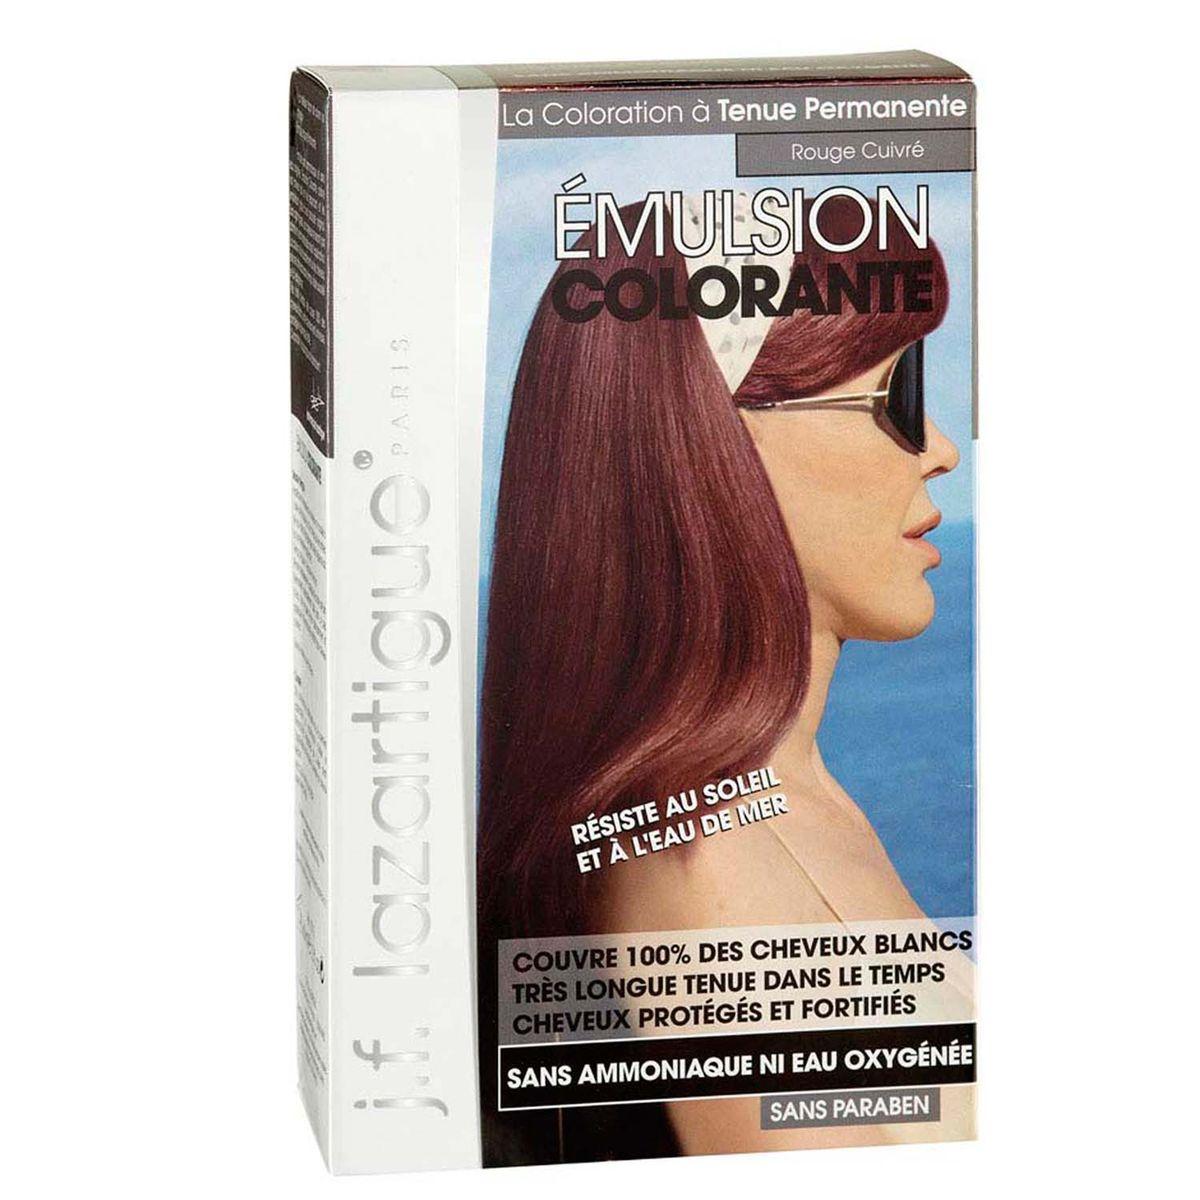 J.F.Lazartigue Оттеночная эмульсия для волос Медно-красный 60 мл01721Благодаря оригинальной формуле полностью (на 100%) скрывает седину, длительное время сохраняет цвет, поддерживает здоровье и жизненную силу волос и сохраняет эти качества, несмотря на воздействие солнечных лучей, морской воды и прочих неблагоприятных экологических факторов. Не осветляет, не повреждает, а укрепляет волосы. Не содержит аммиака, перекиси водорода и парабенов. Не предназначена для окрашивания бровей и ресниц.